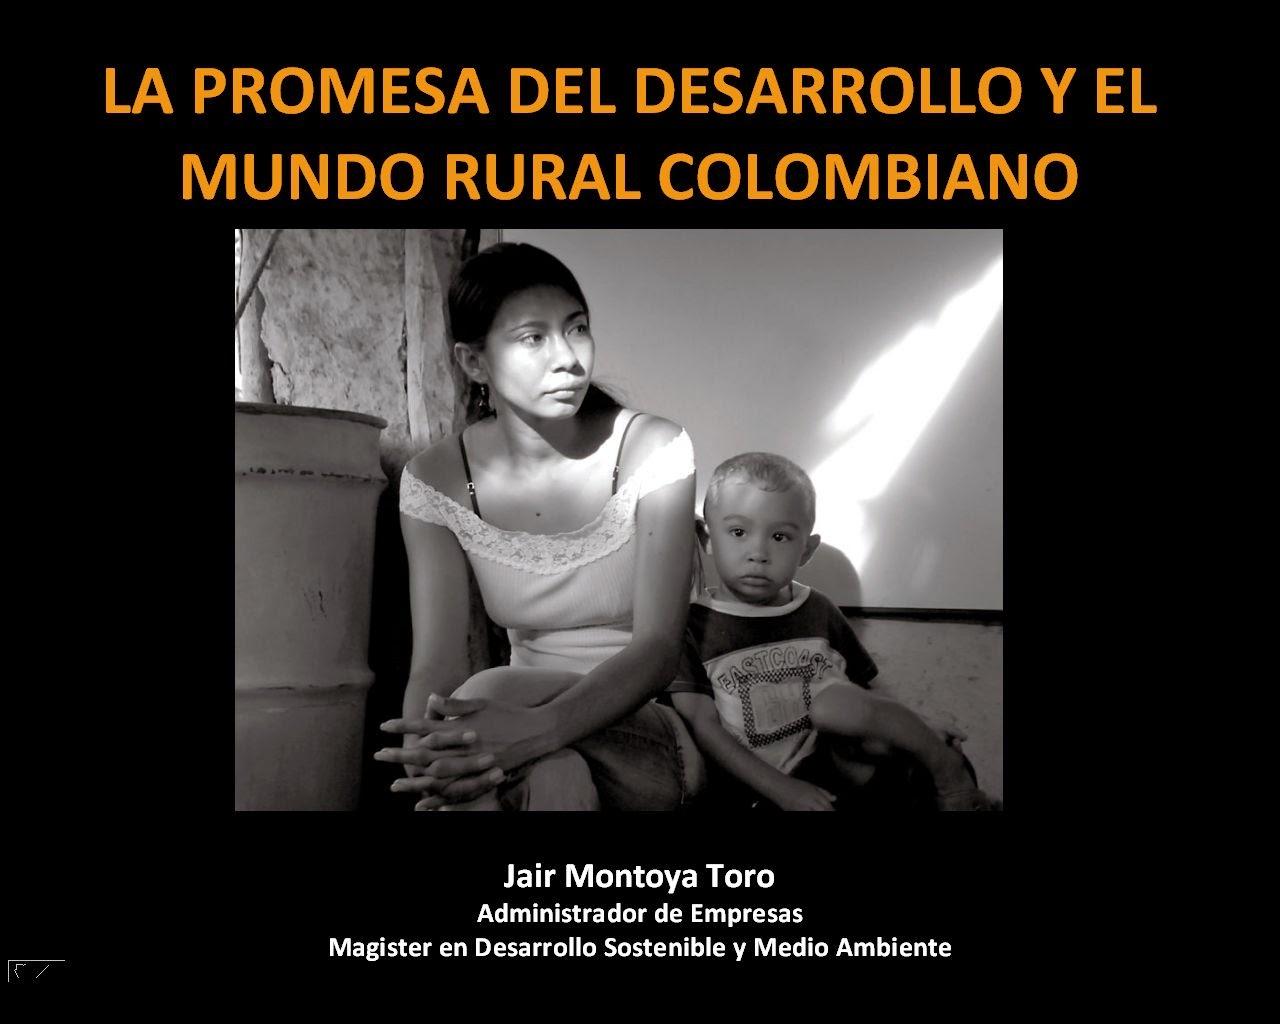 Ir al seminario: La promesa del desarrollo y el mundo rural colombiano